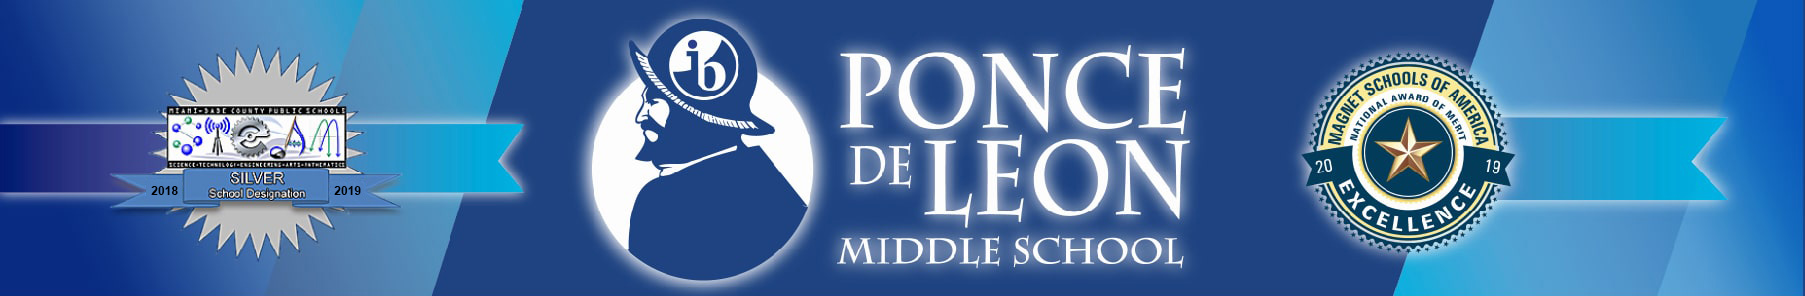 Ponce De Leon Middle School – Coral Gables, Florida Logo